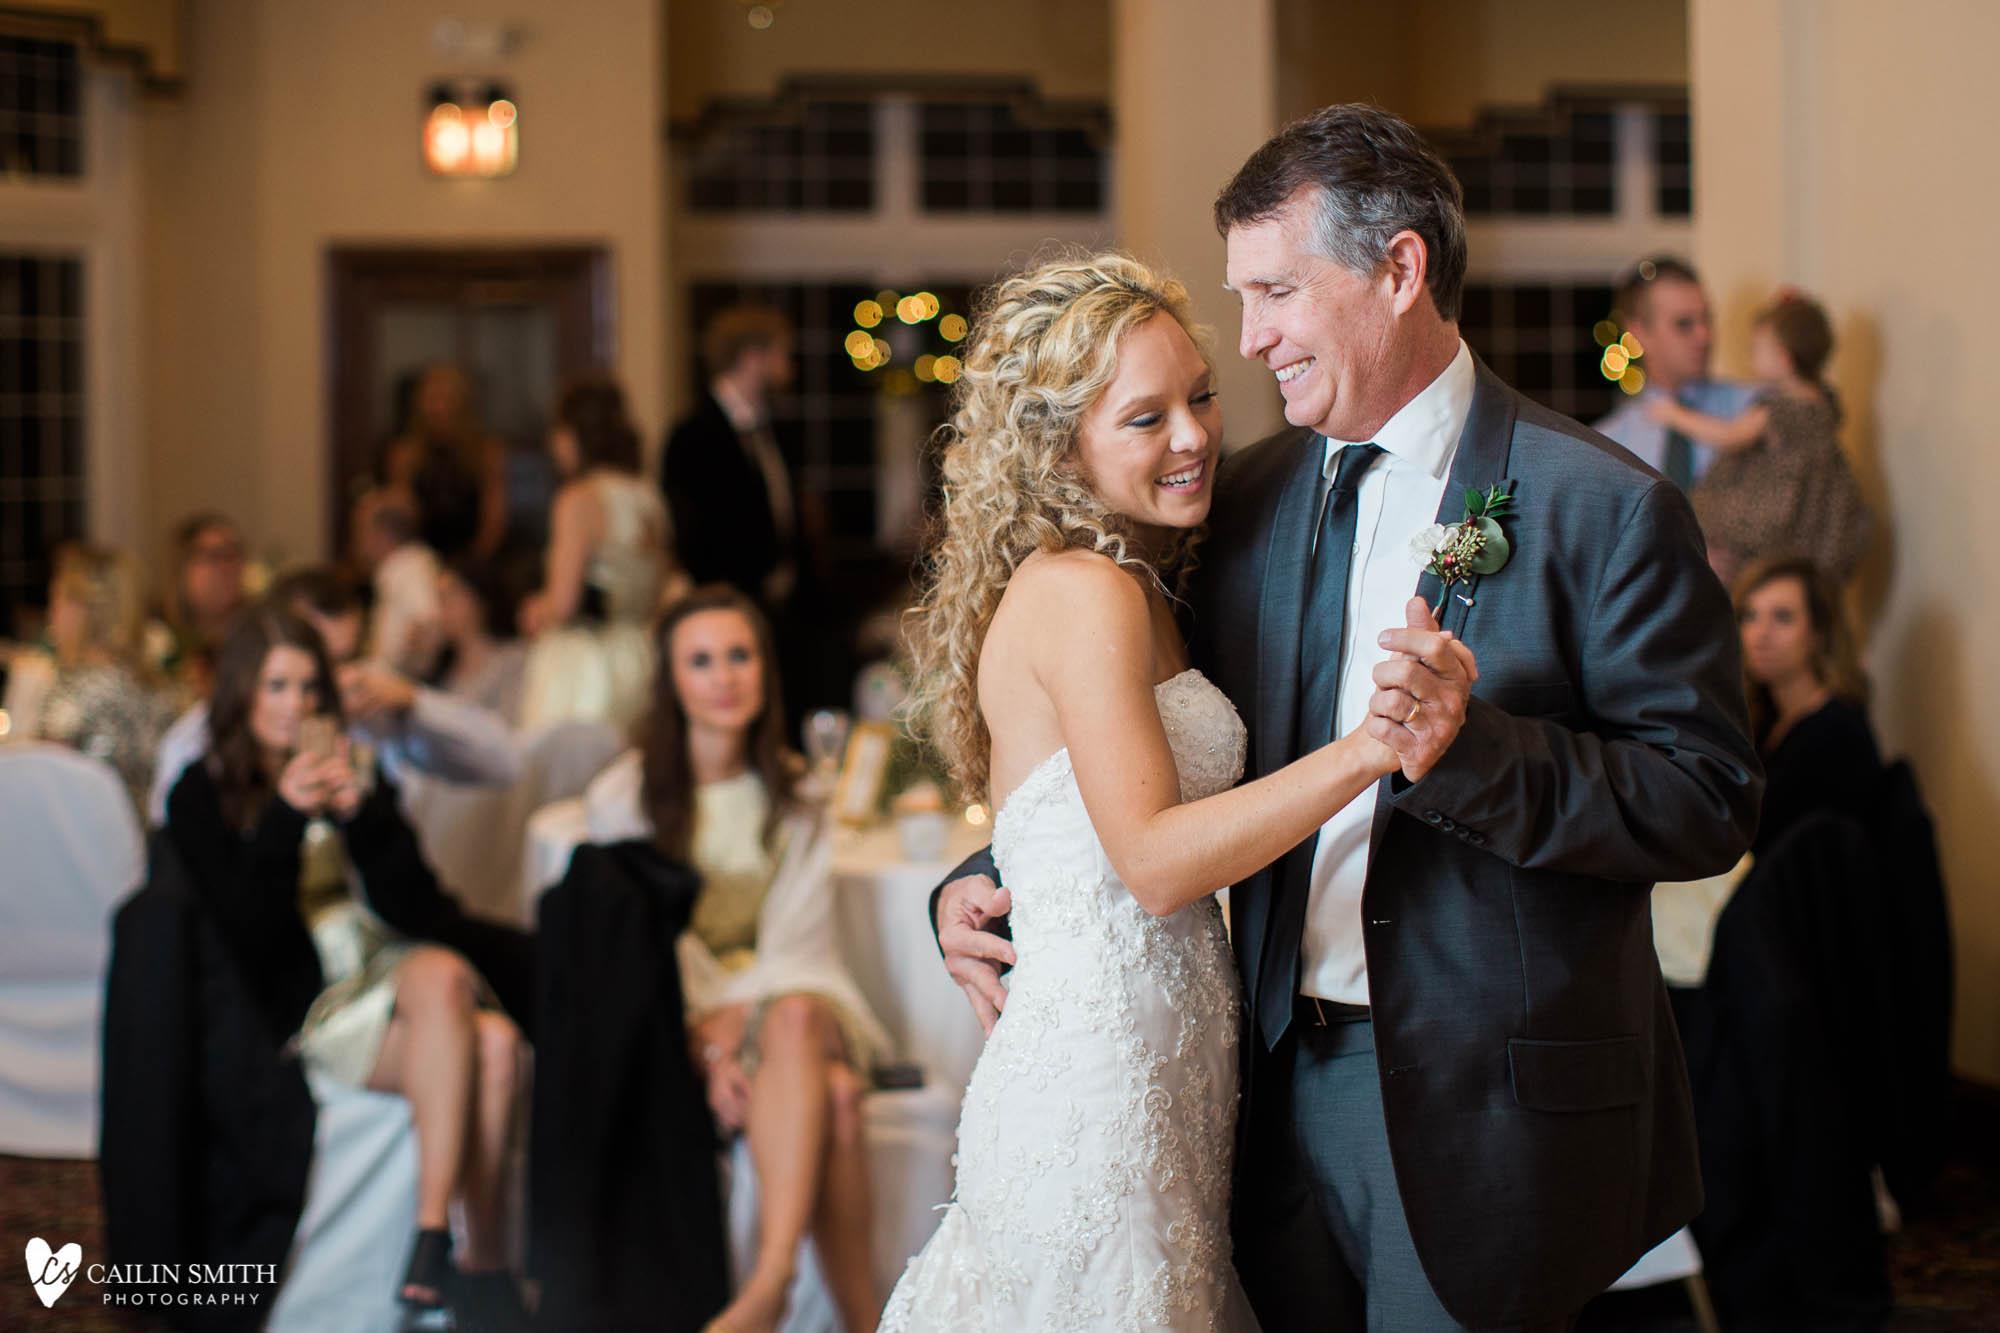 Leah_Major_St_Marys_Wedding_Photography_107.jpg